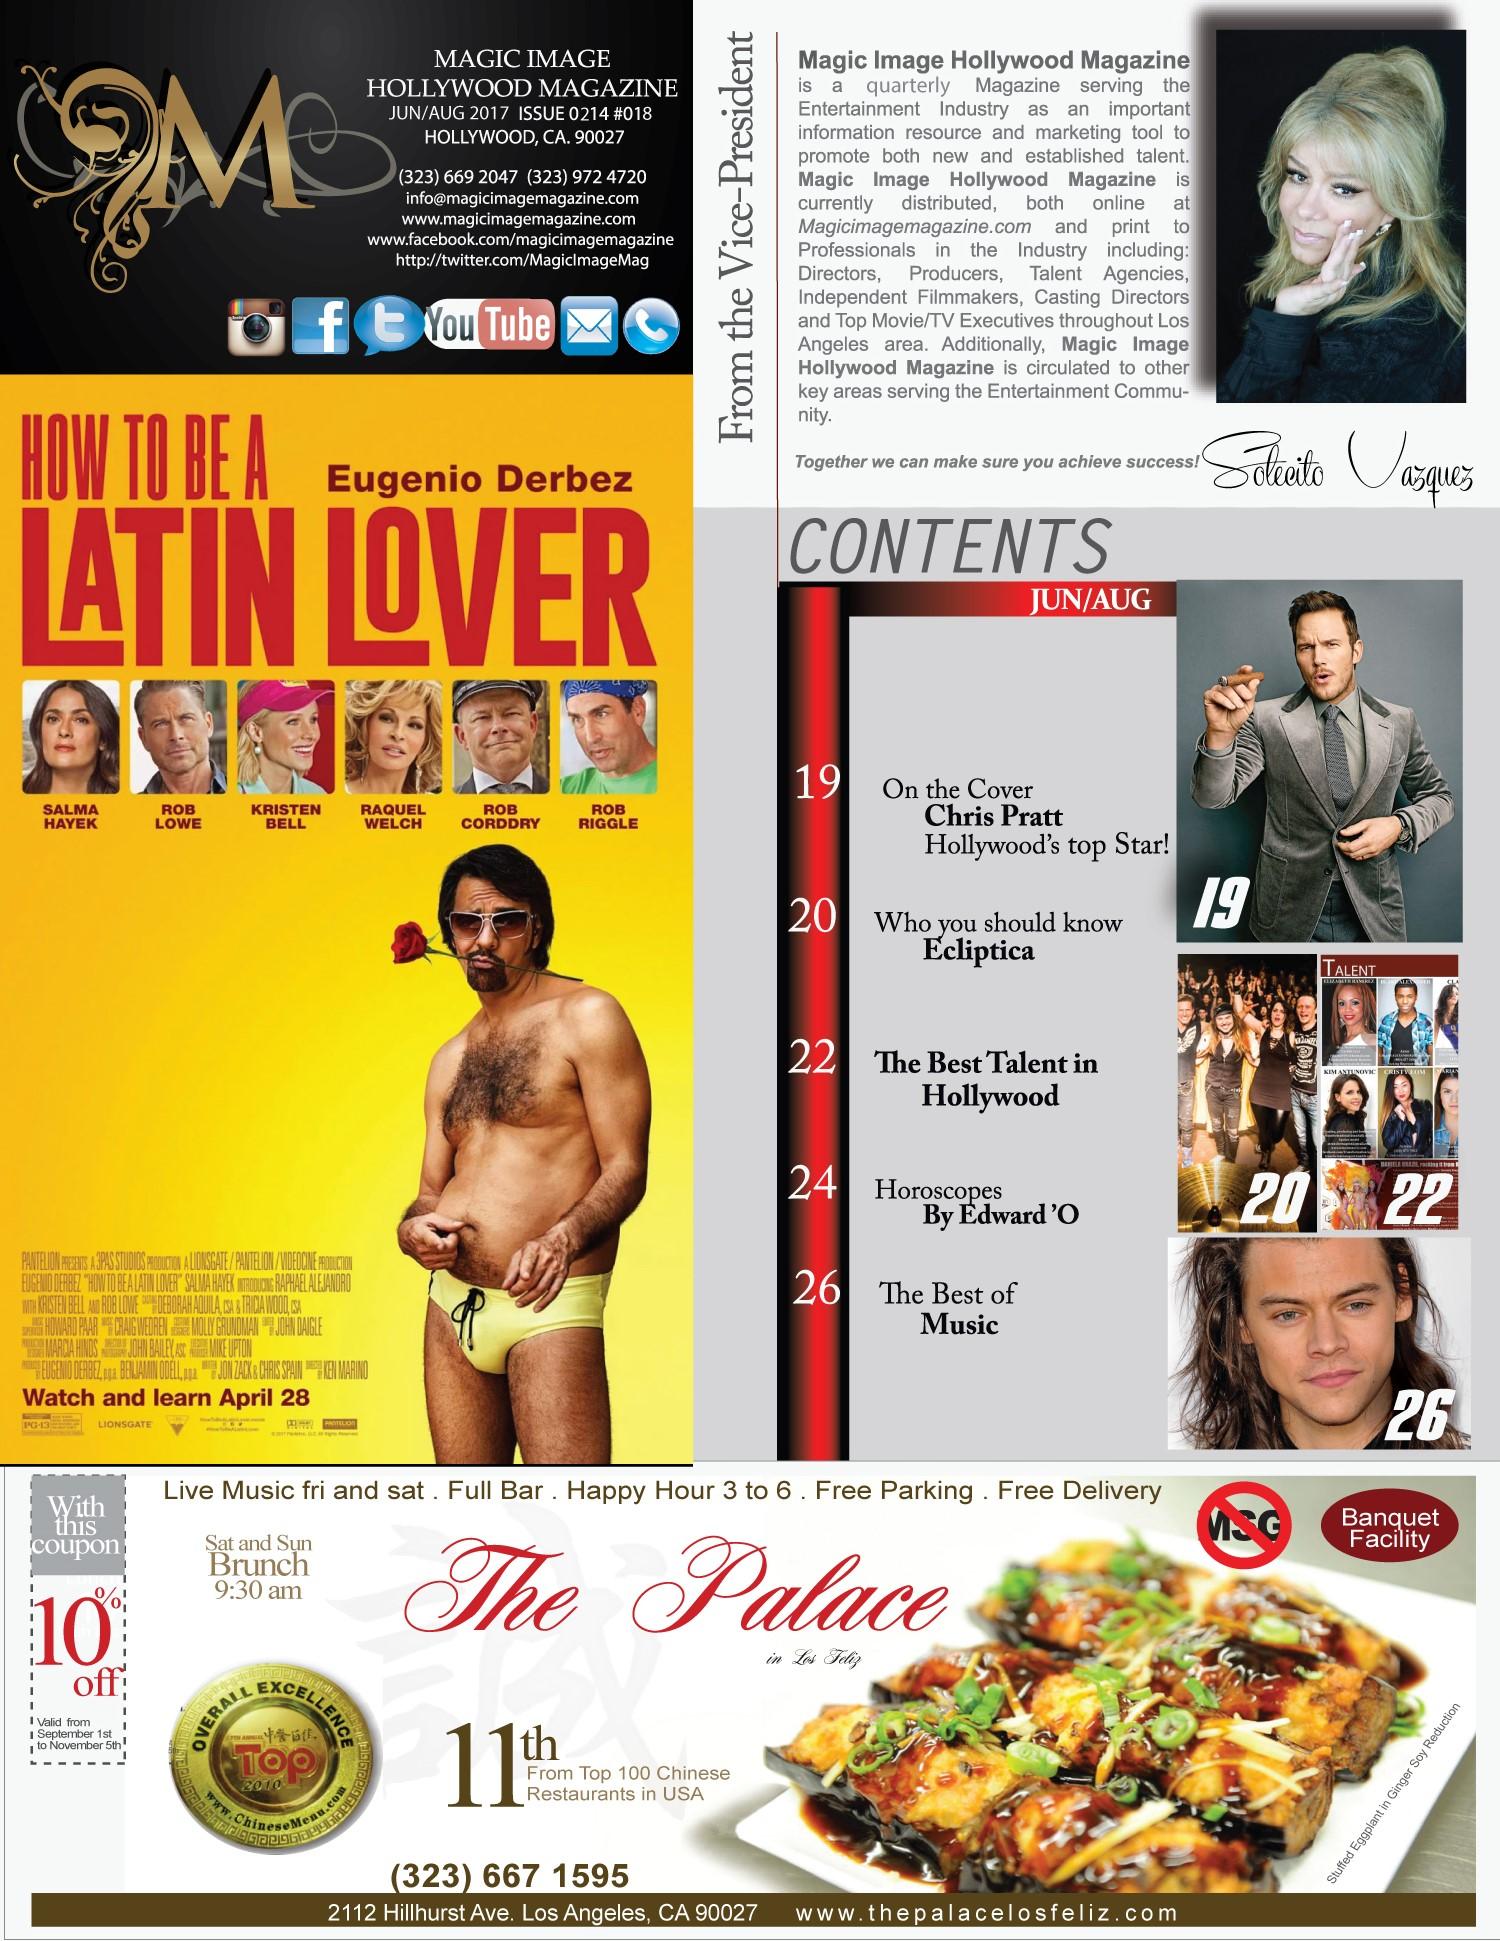 Latin Lover Trailer Starring How Image